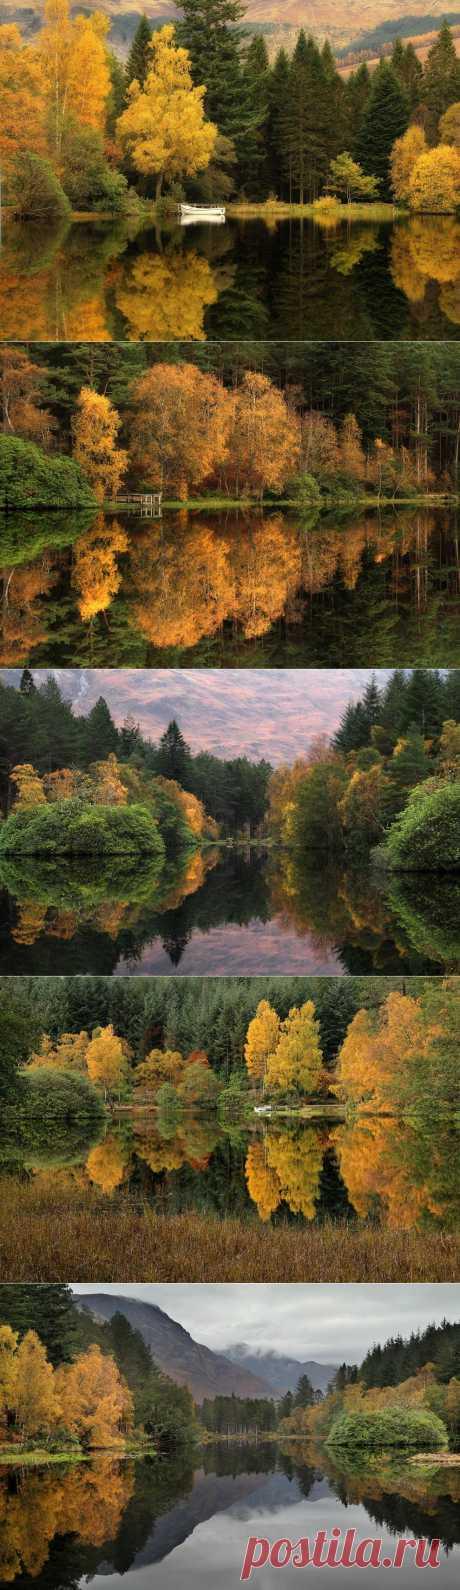 © Отражение мира в природных зеркалах от Роджера Меррифилда | Newpix.ru - позитивный интернет-журнал